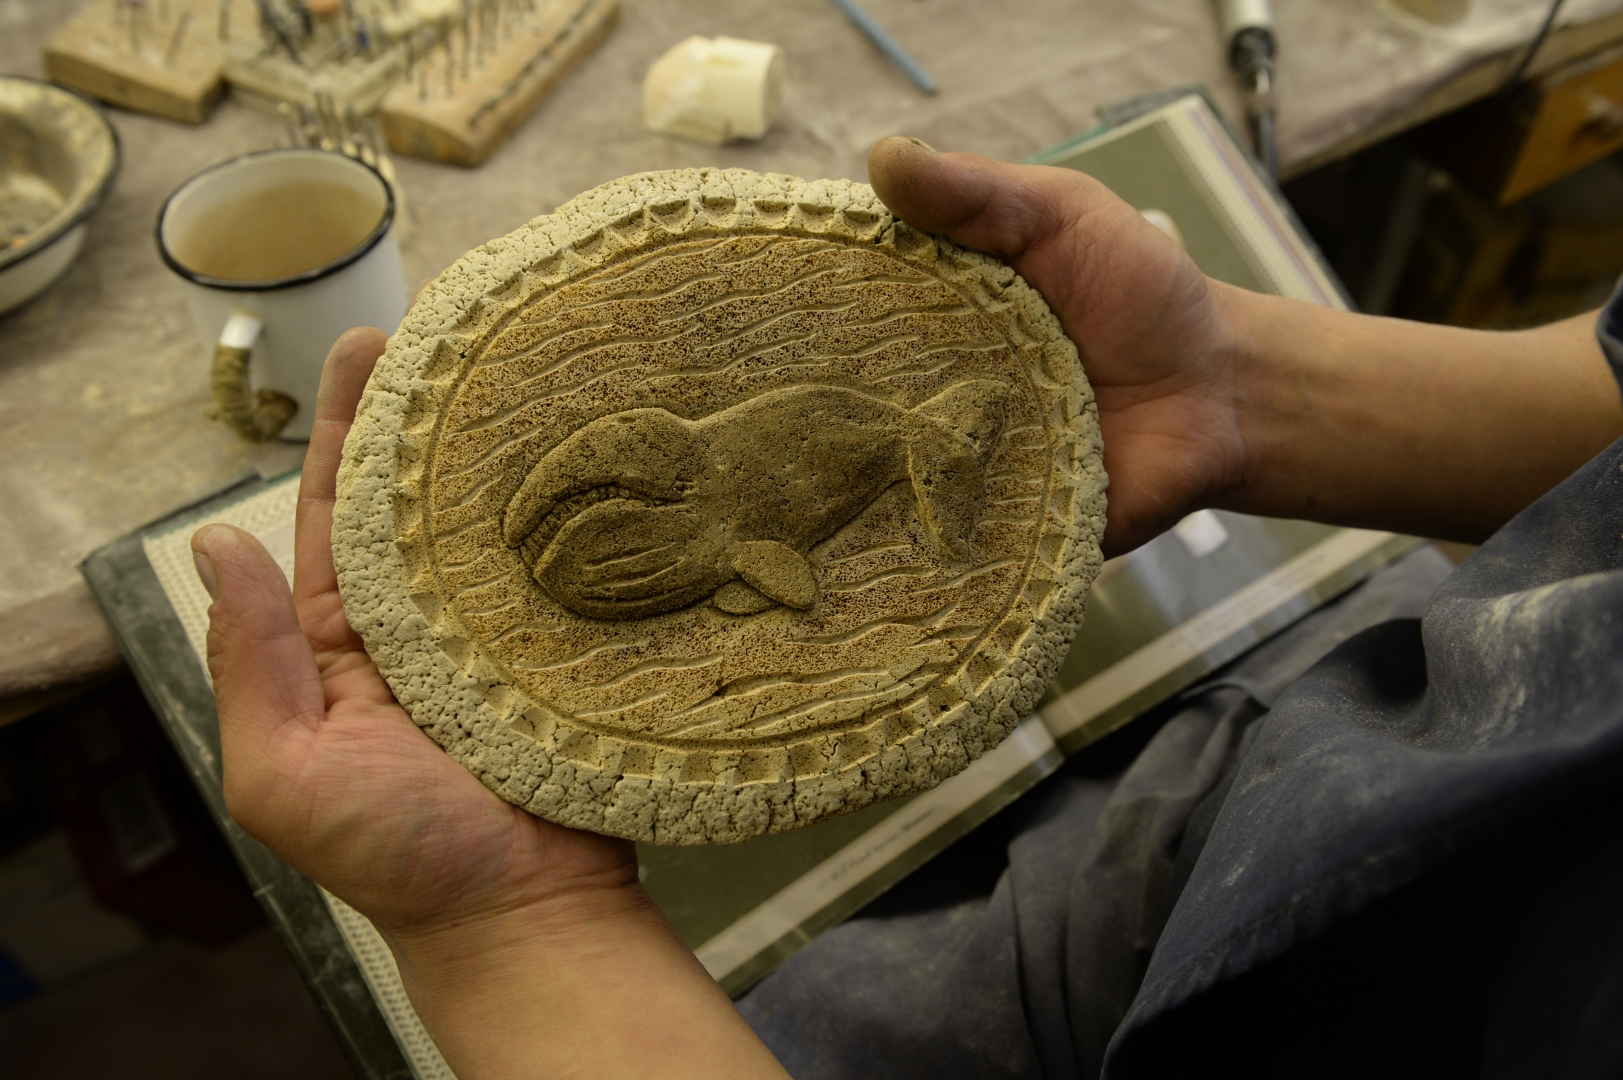 В лоринской художественной мастерской мастера демонстрируют свои сувенирные изделия, сделанные на позвонке серого кита